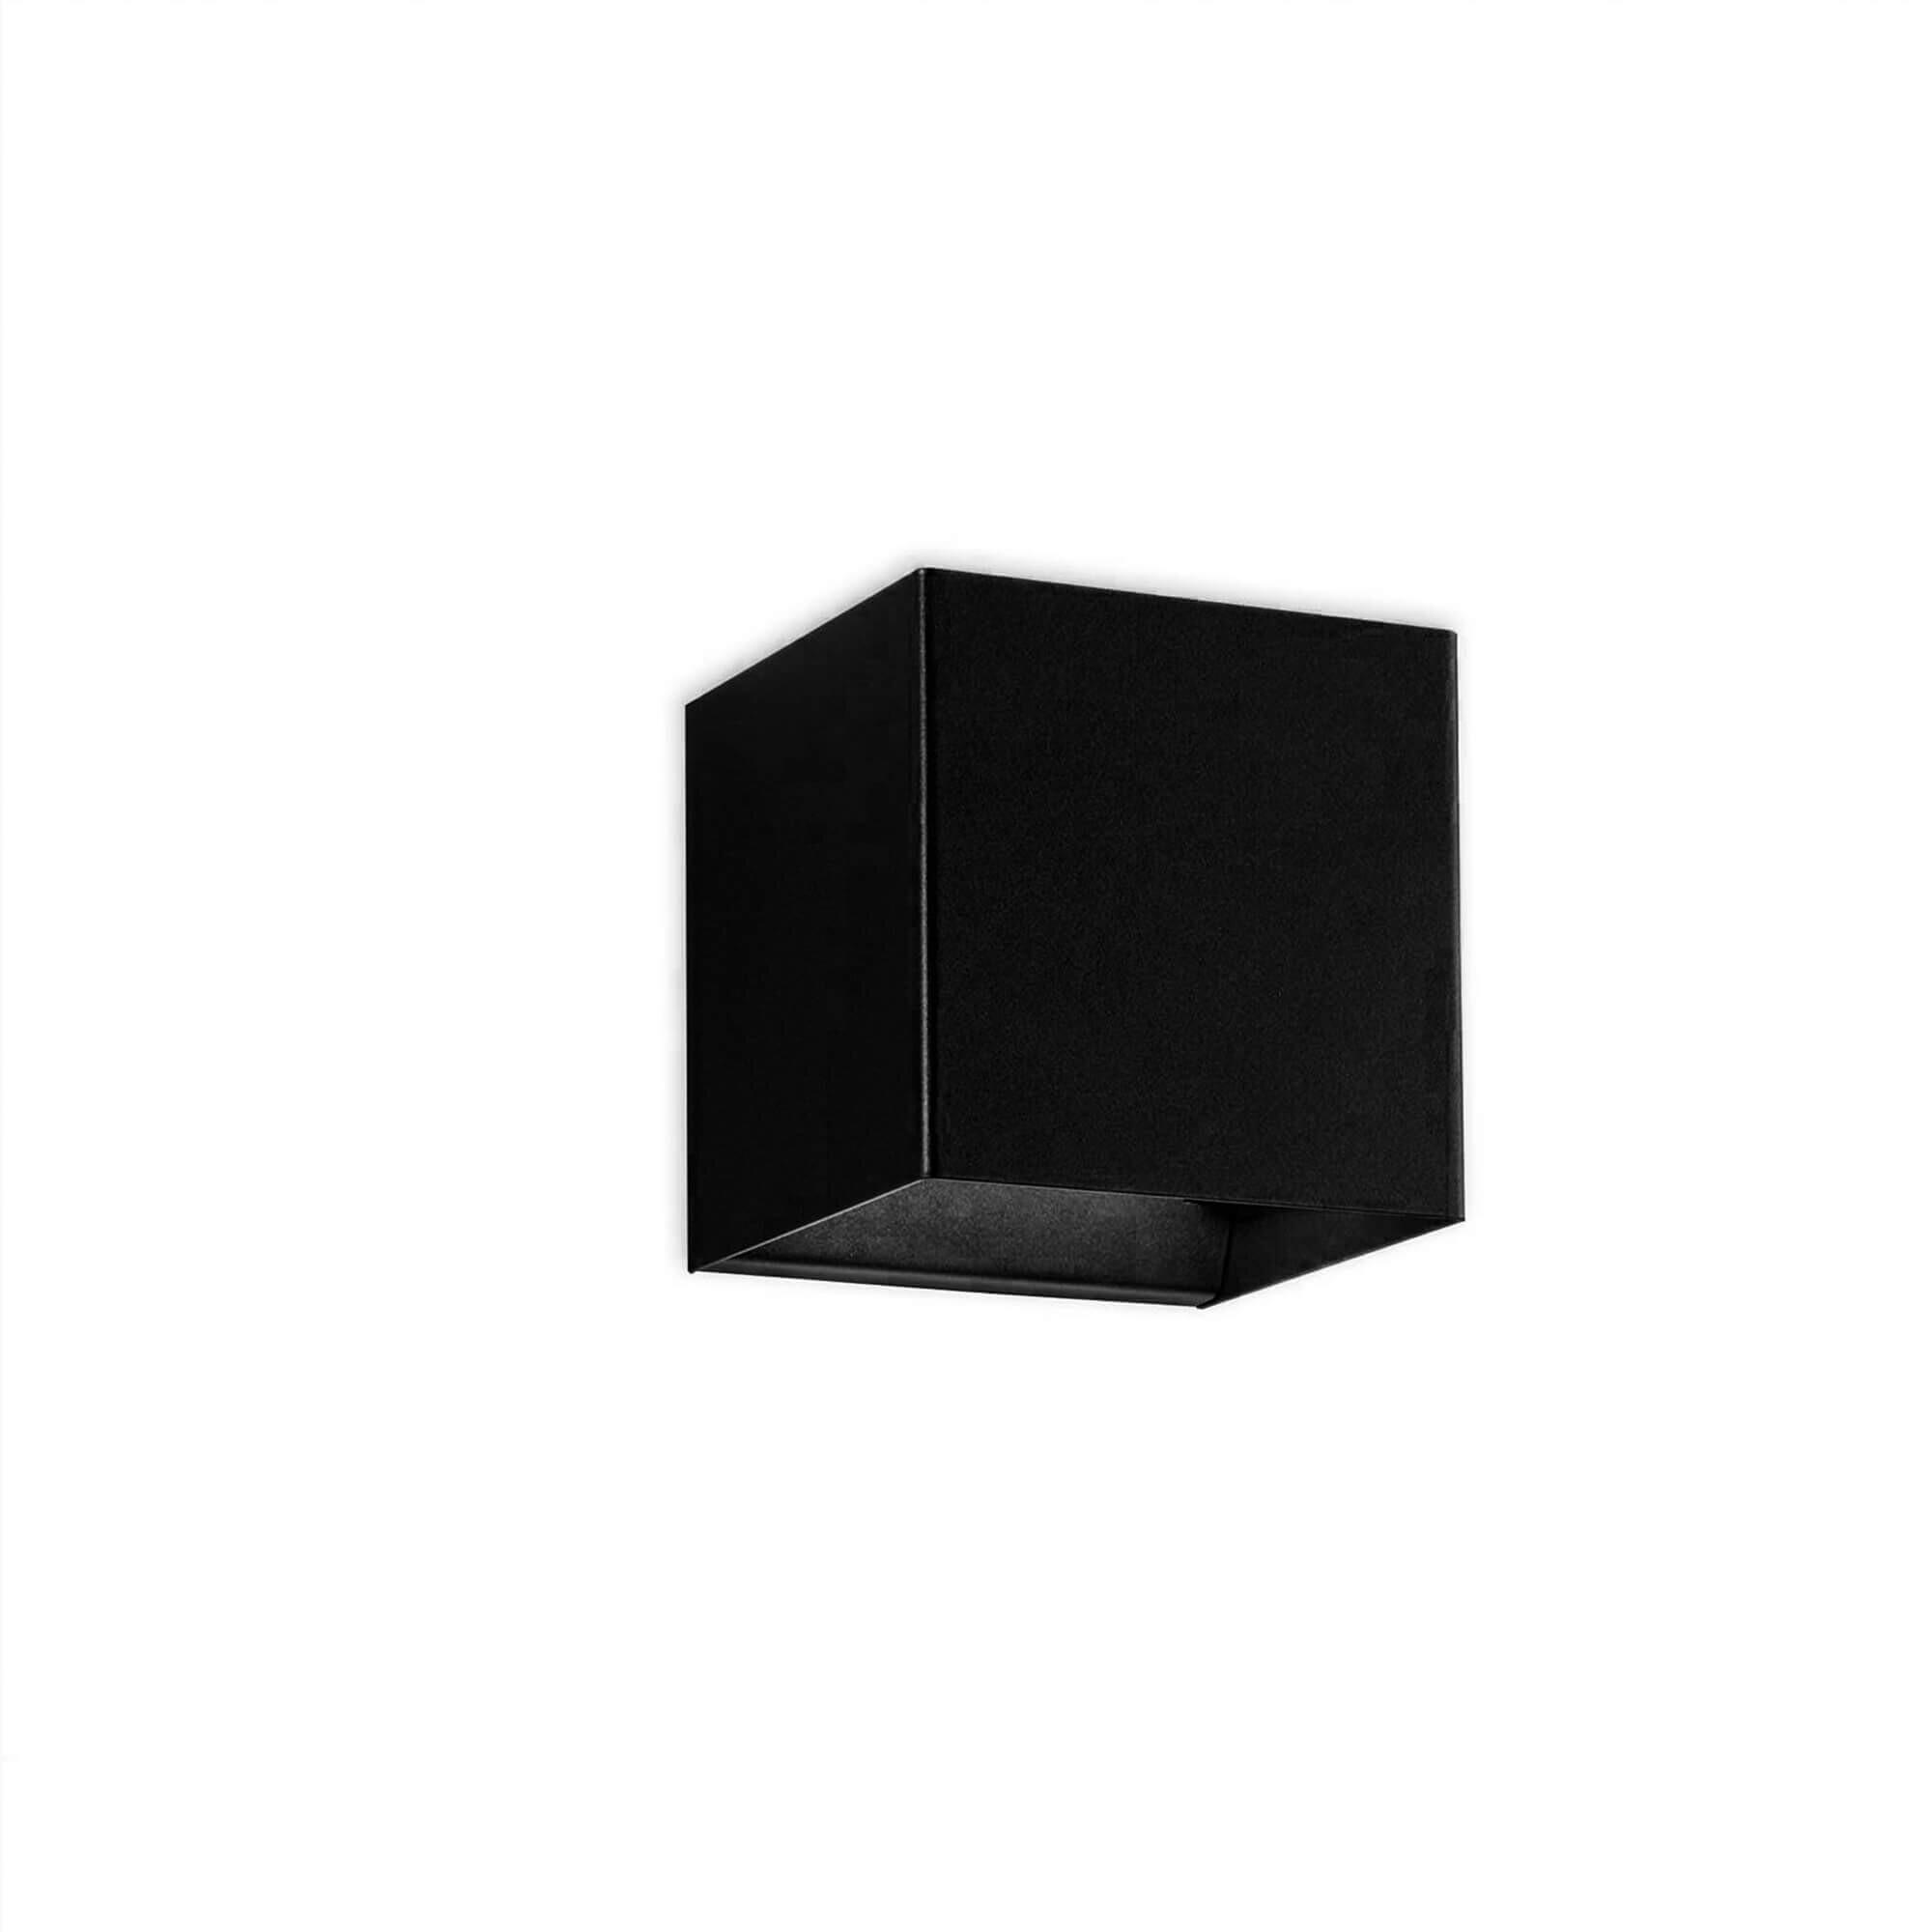 Billede af Laser Cube Væglampe Sort - Studio Italia Design